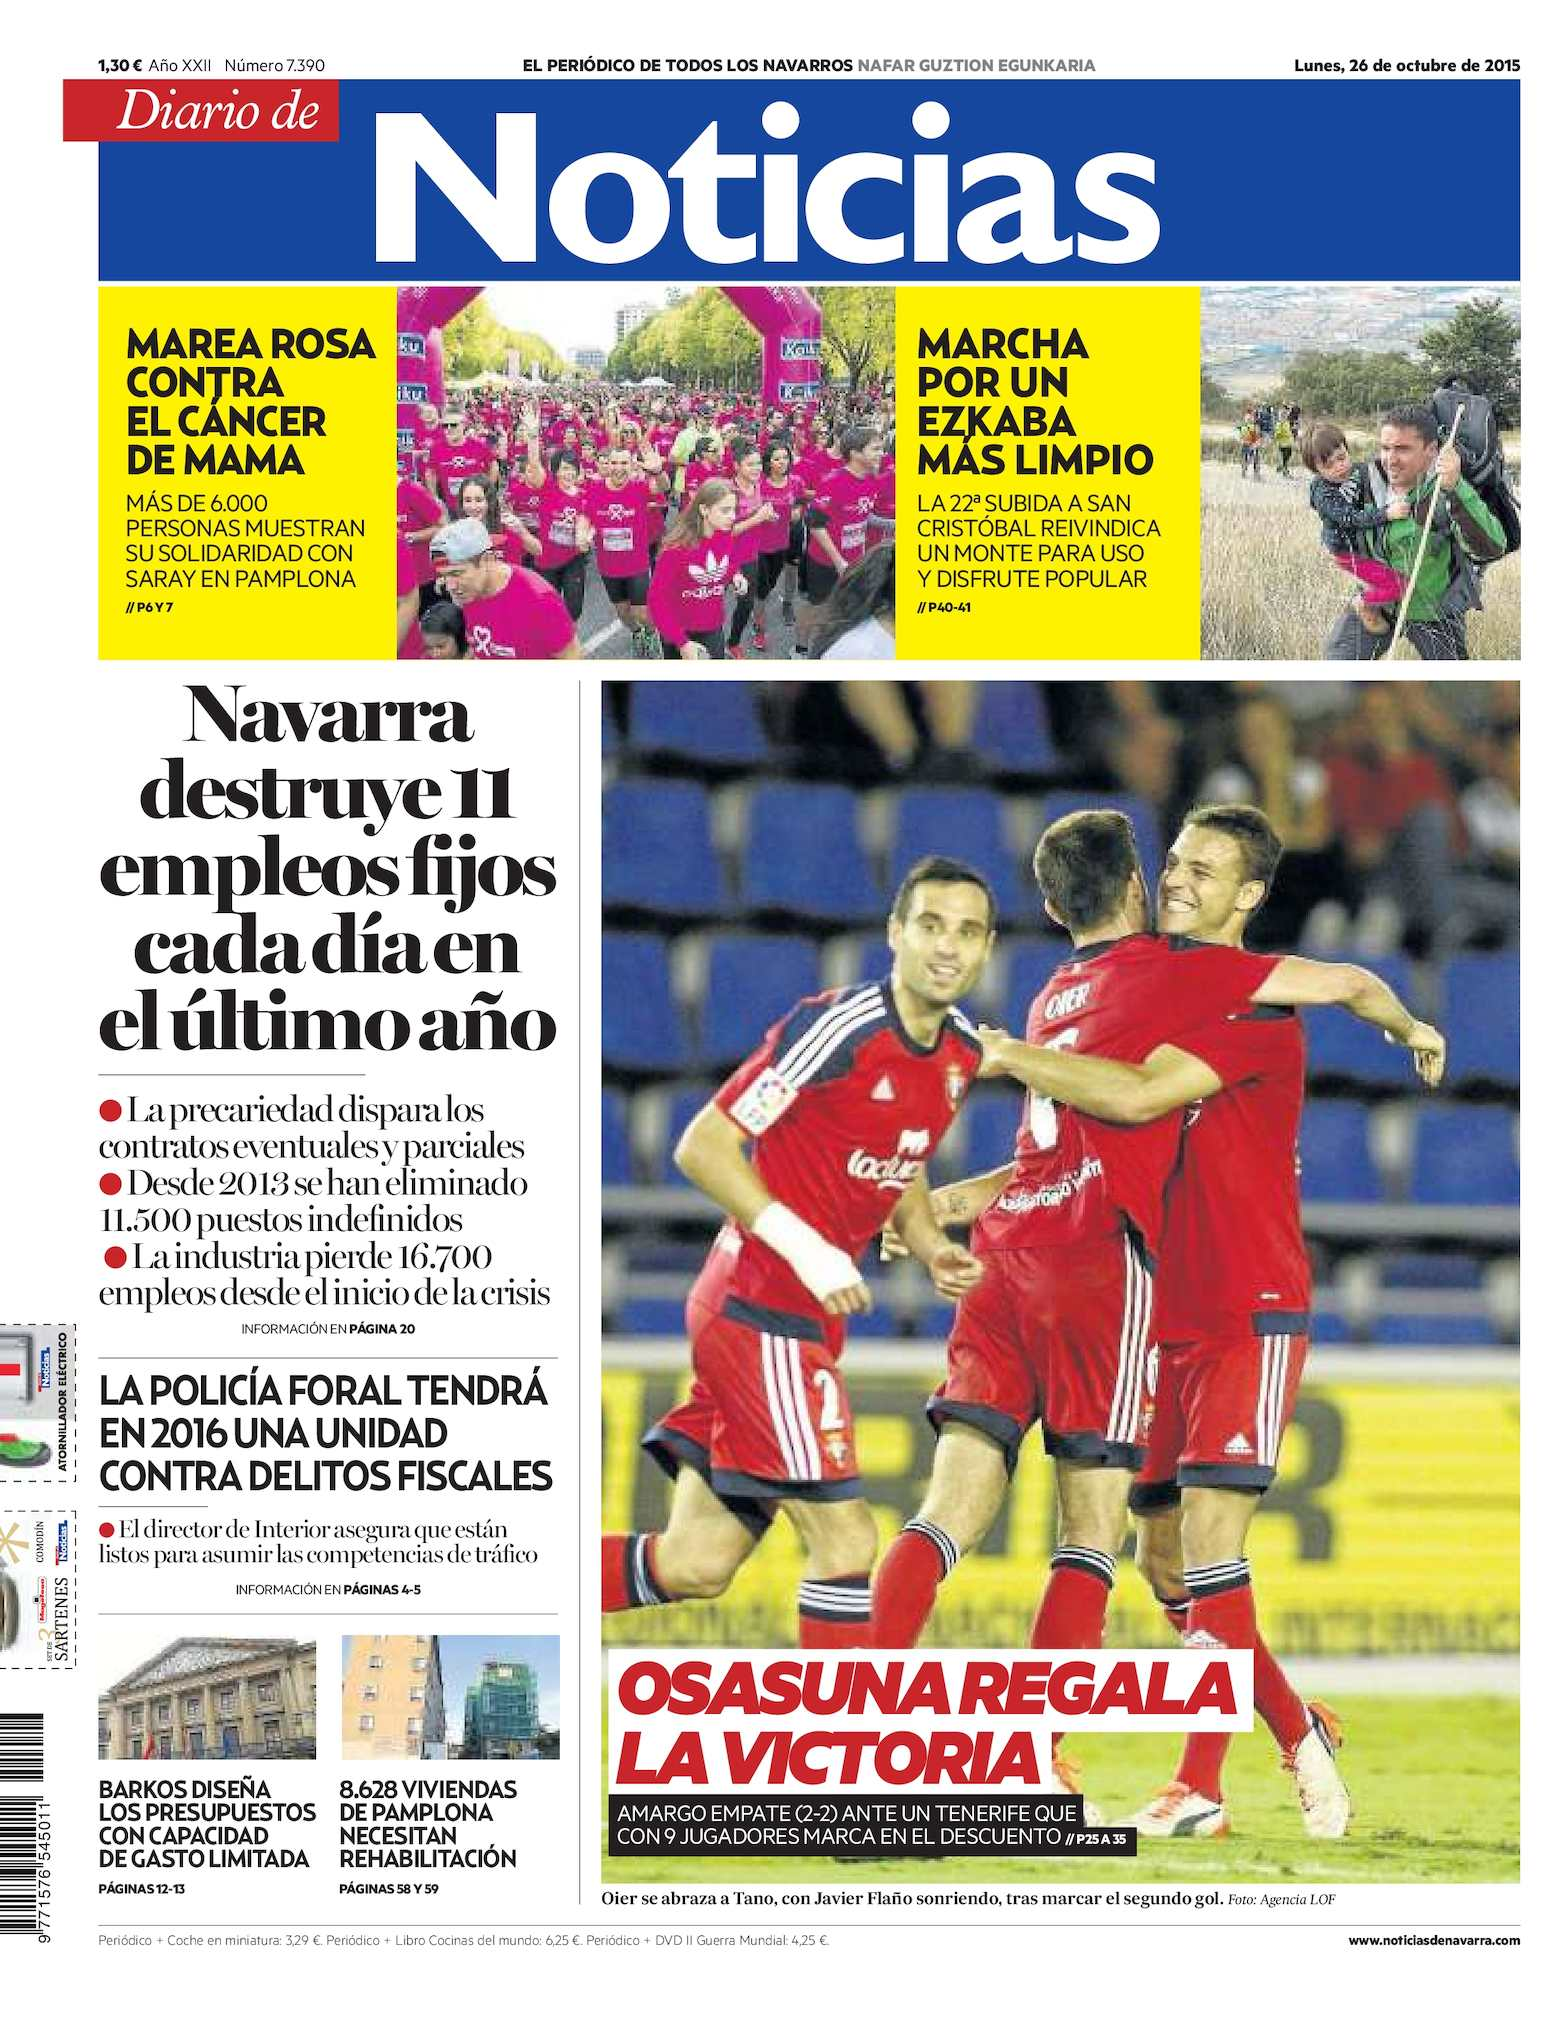 Calaméo - Diario de Noticias 20151026 a7becbfa105f1